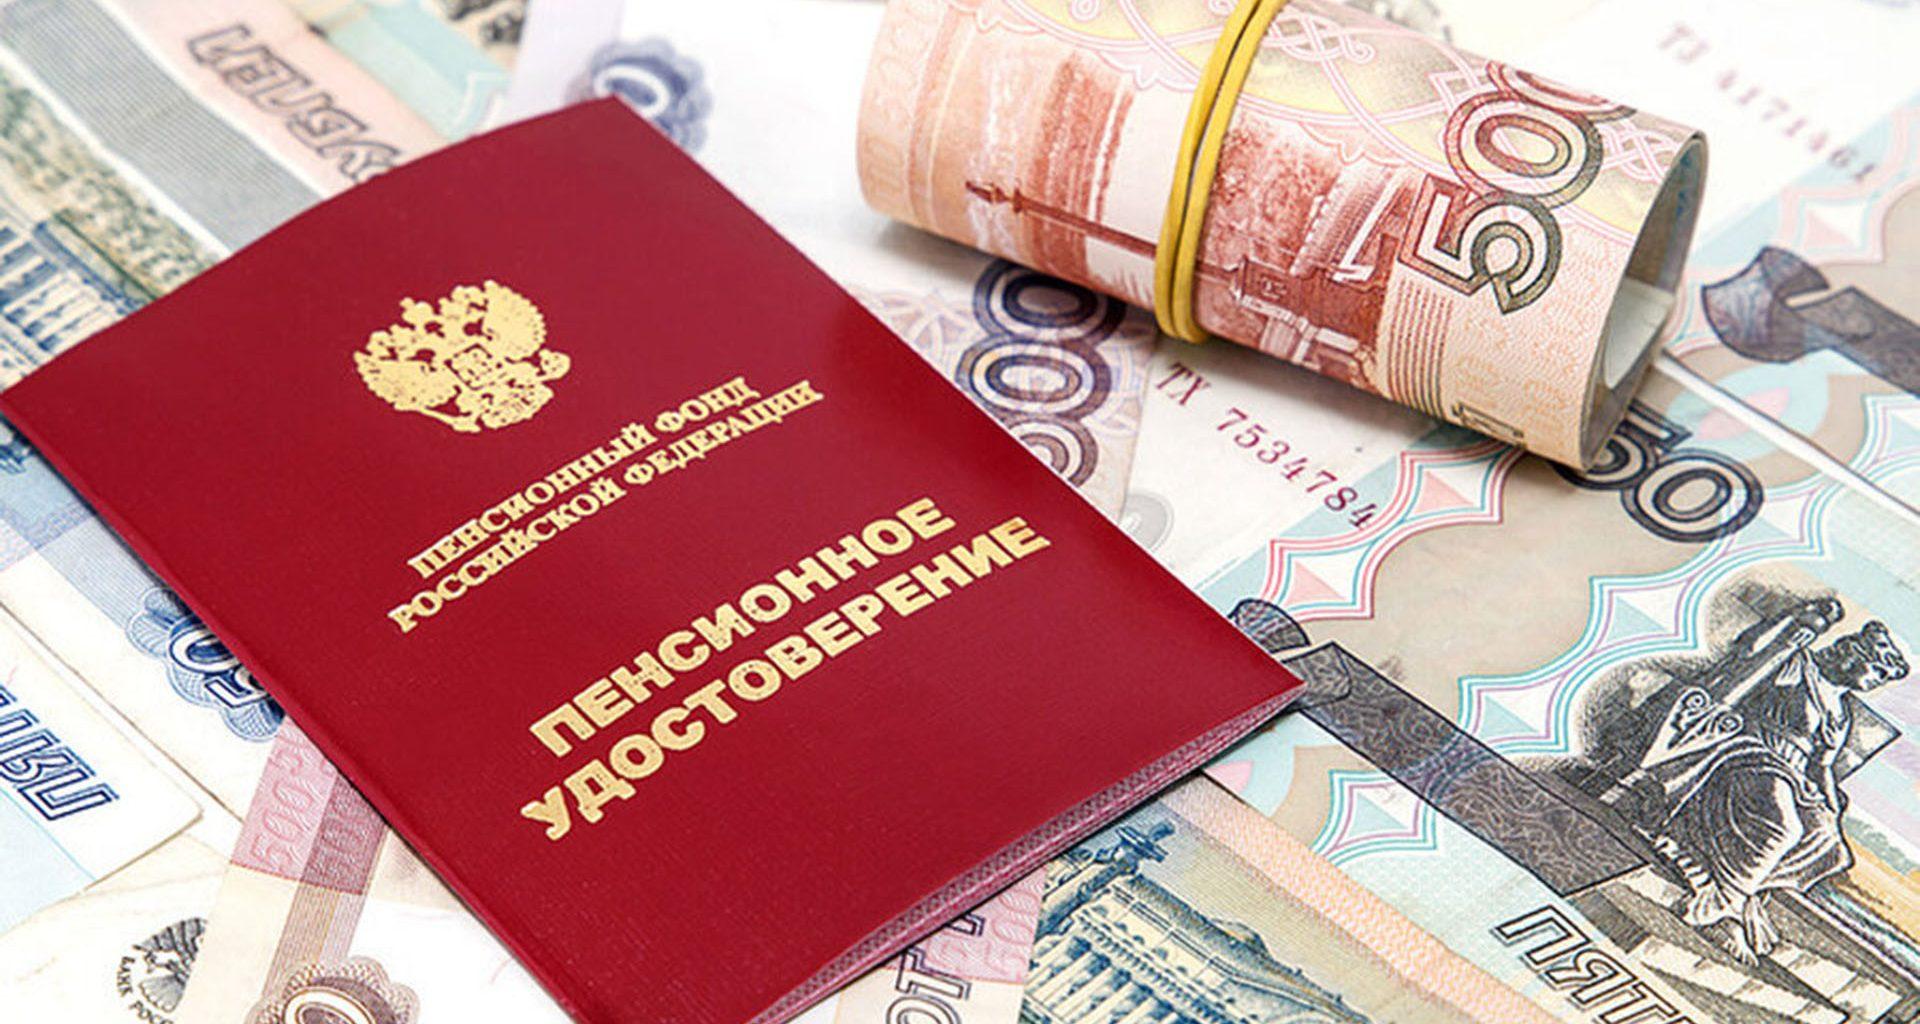 Пенсионный фонд России проведет в сентябре перерасчет пенсий